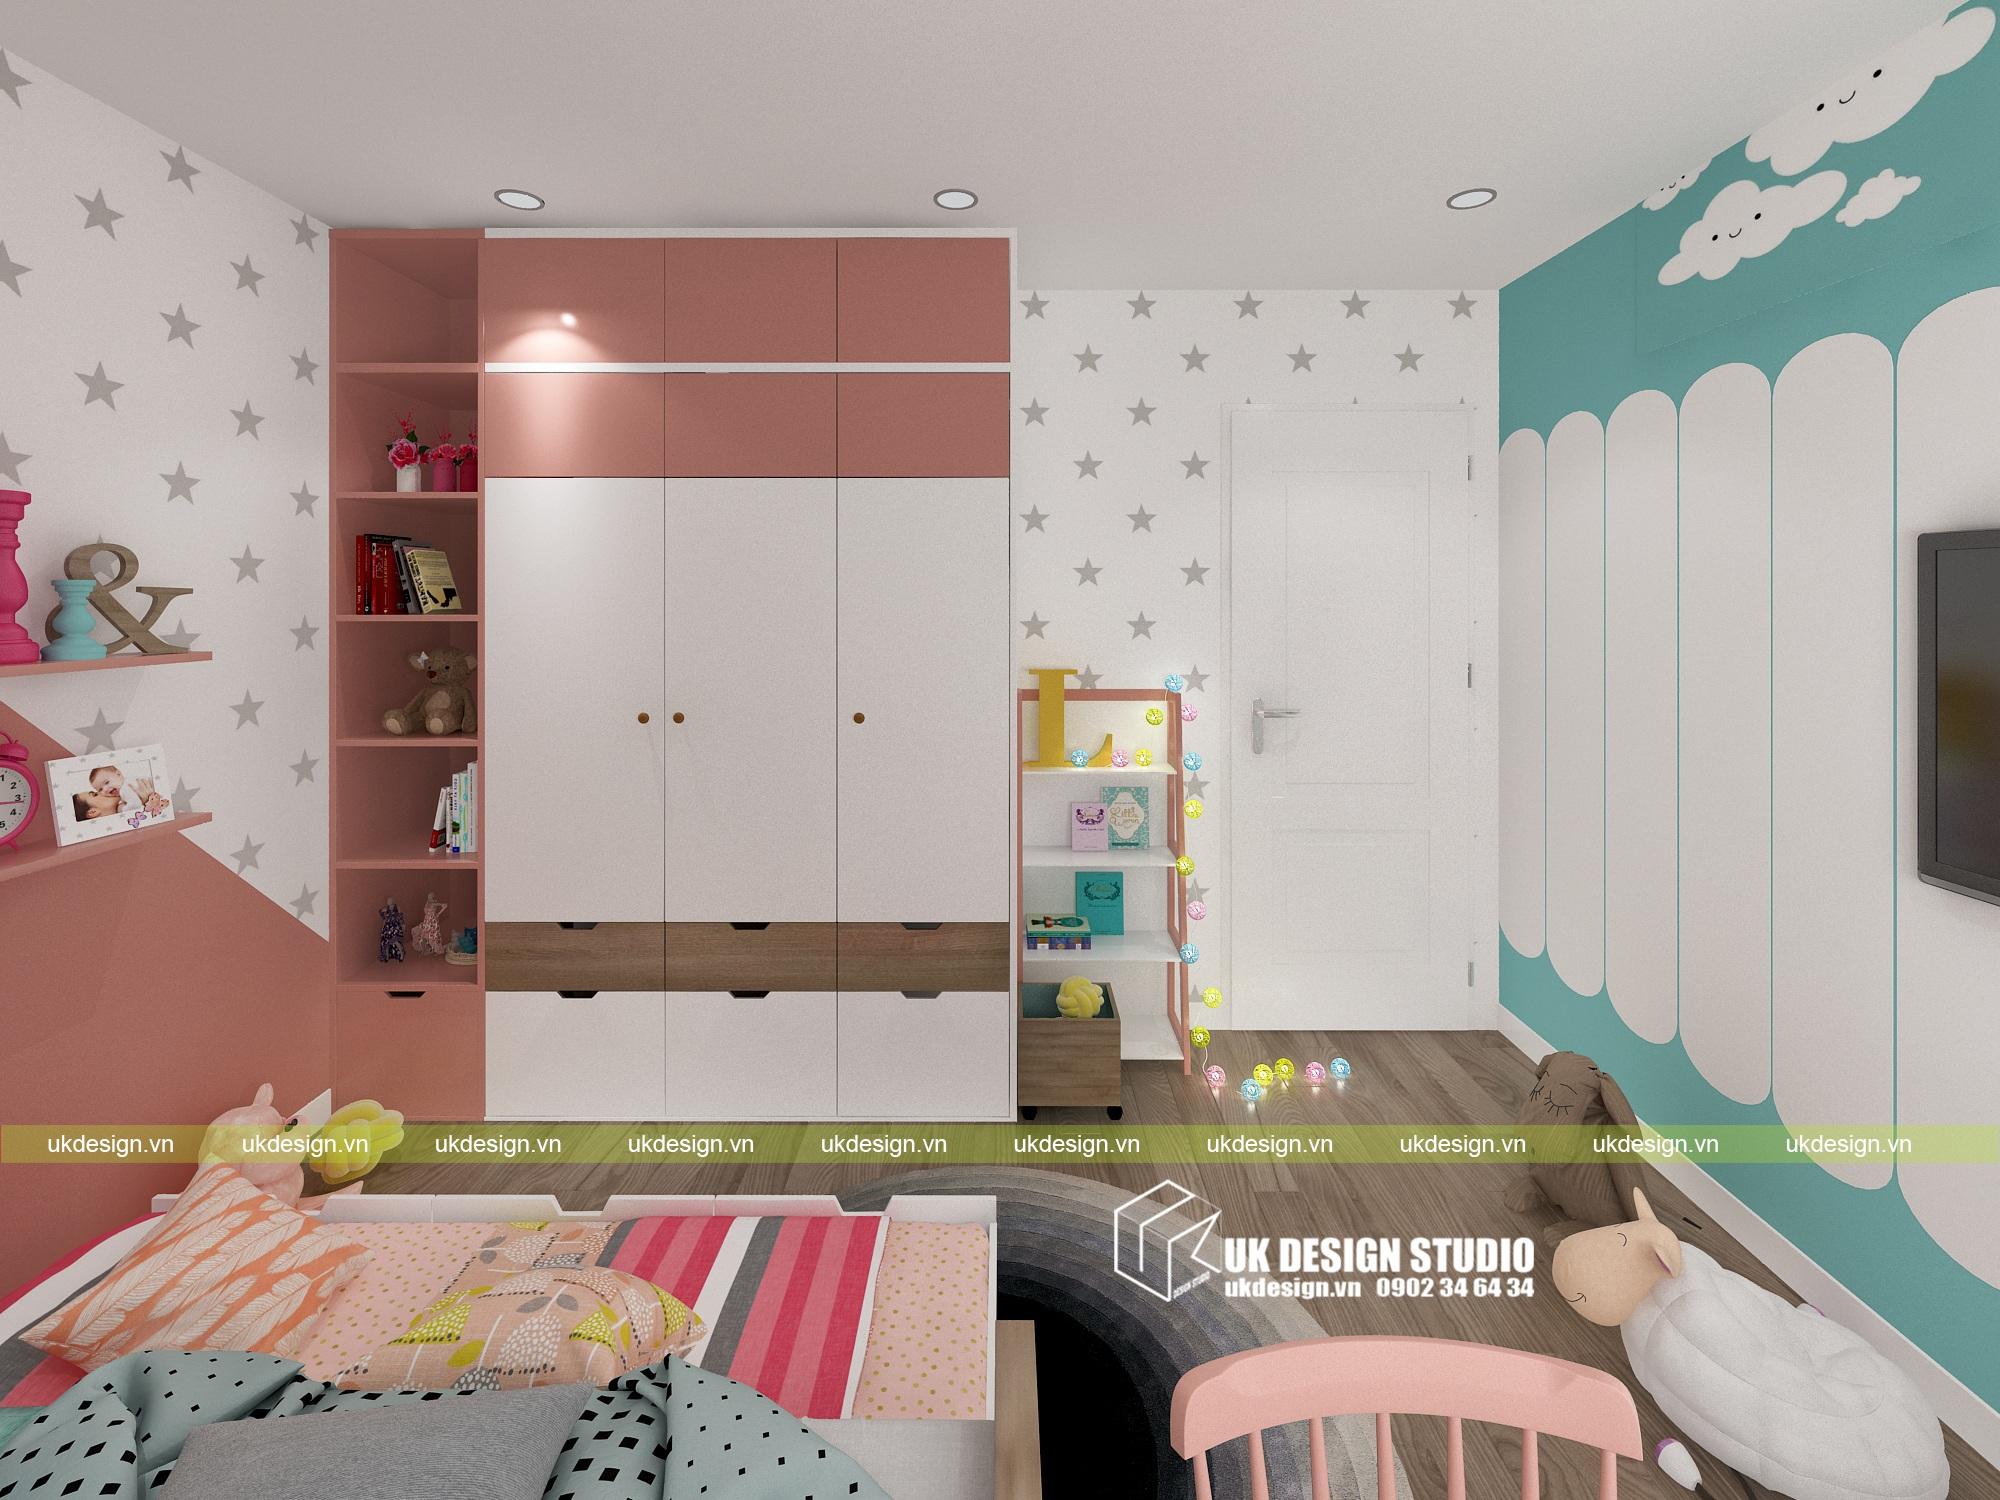 Thiết kế nội thất nhà phố hiện đại kết hợp văn phòng kinh doanh - 14